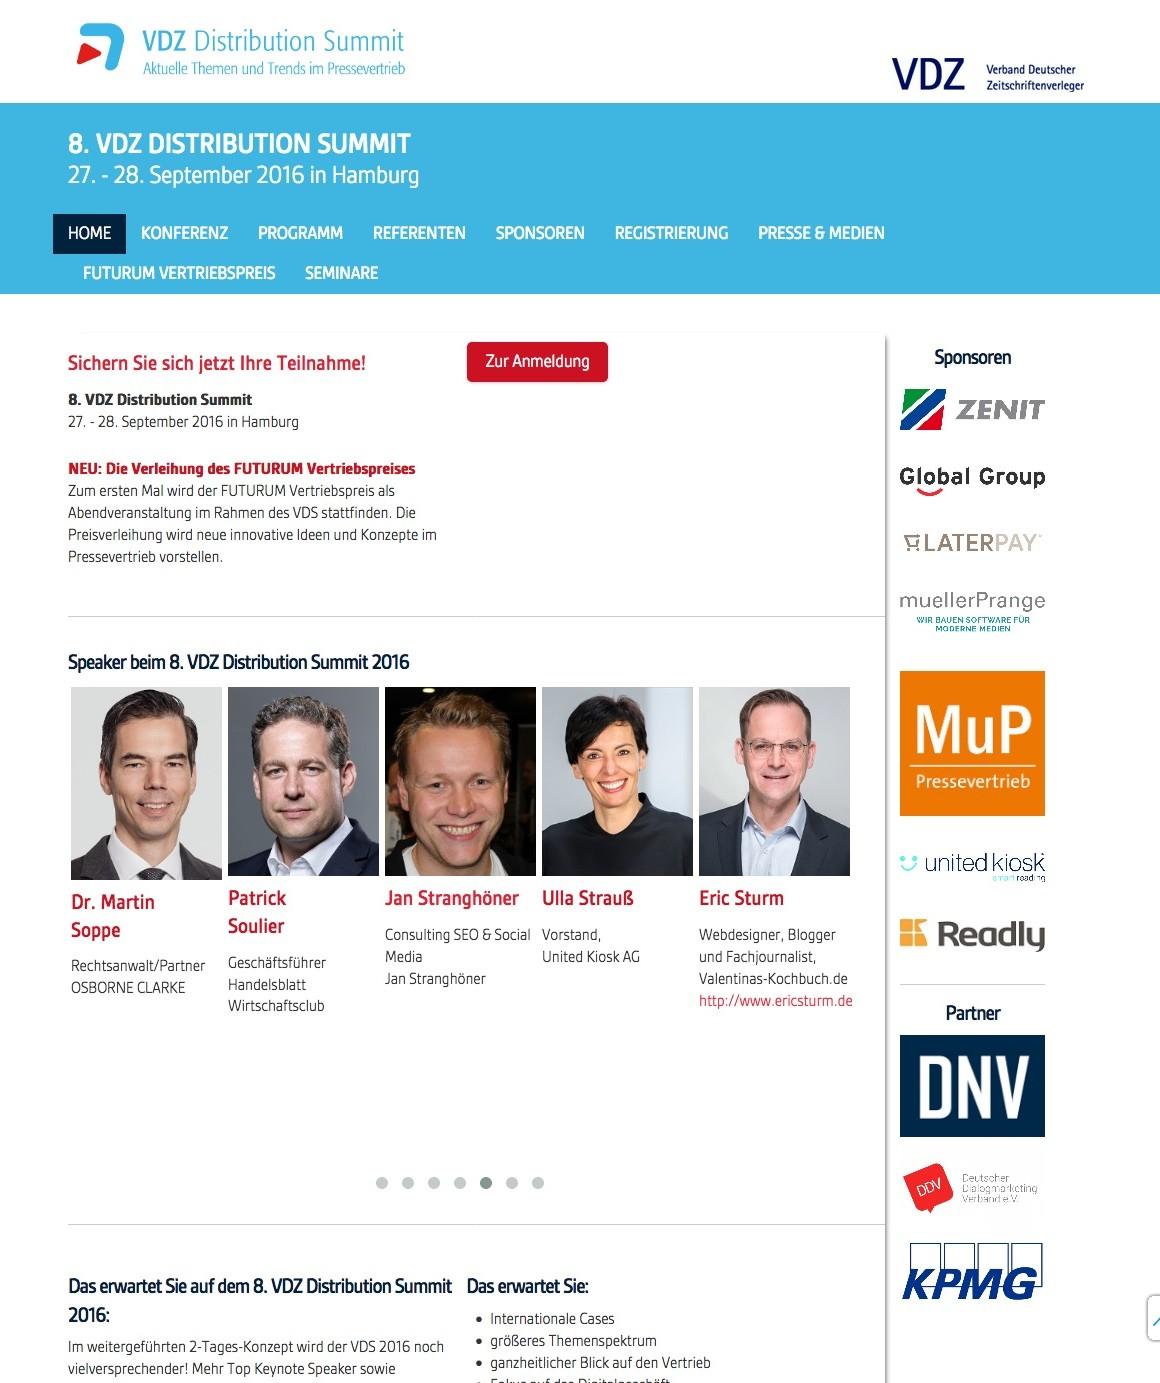 VDZ Distribution Summit (Screenshot der Startseite, September 2016)